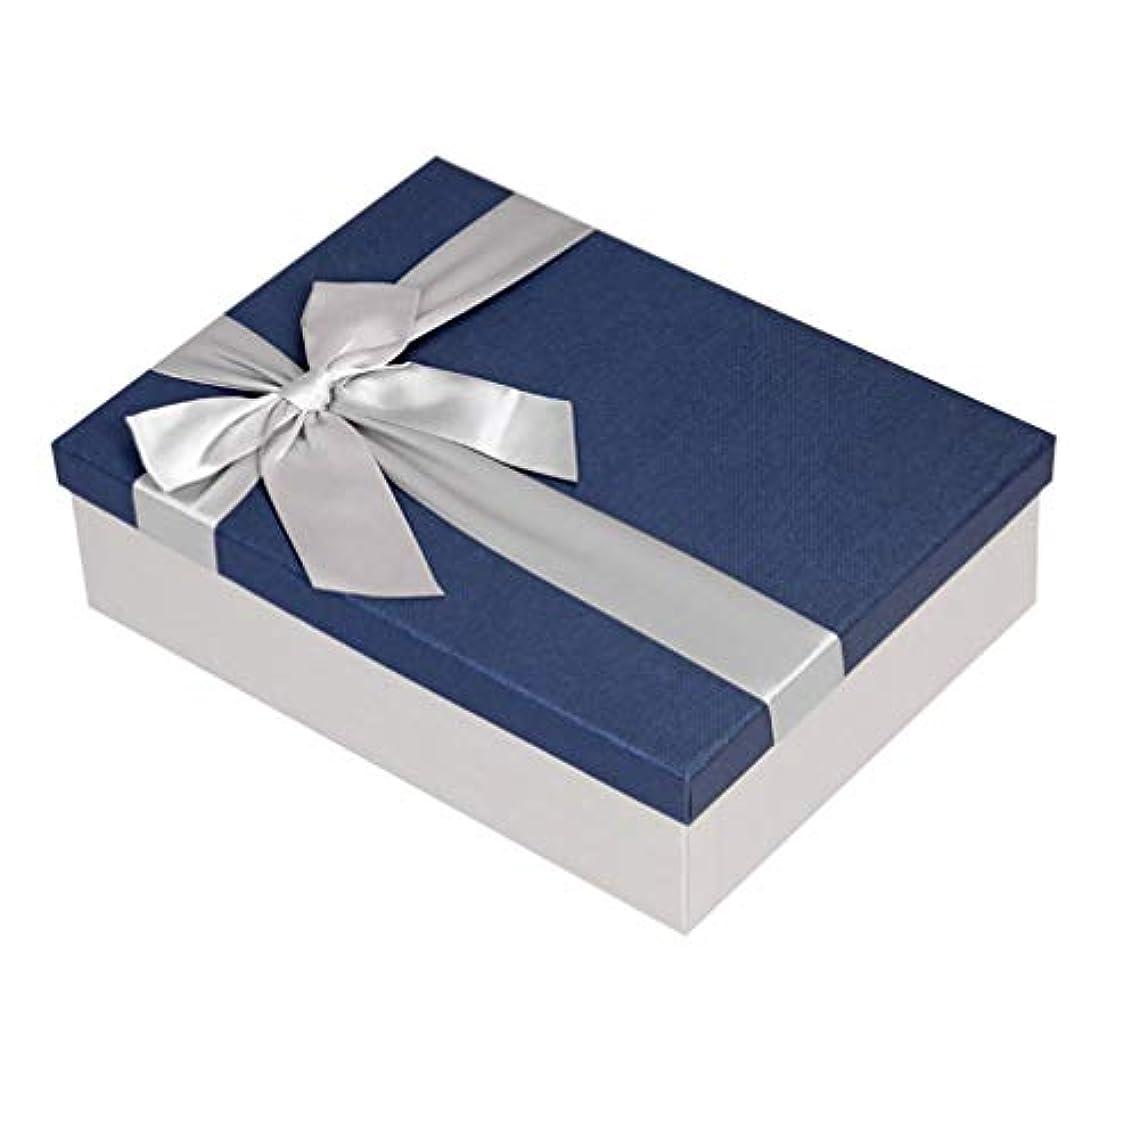 スポークスマン服を洗うその間Toyvian ギフトボックス長方形剛性ギフトボックスリボン服シャツスカーフクリスマス誕生日新年ギフト用ギフトボックス(サイズm青)